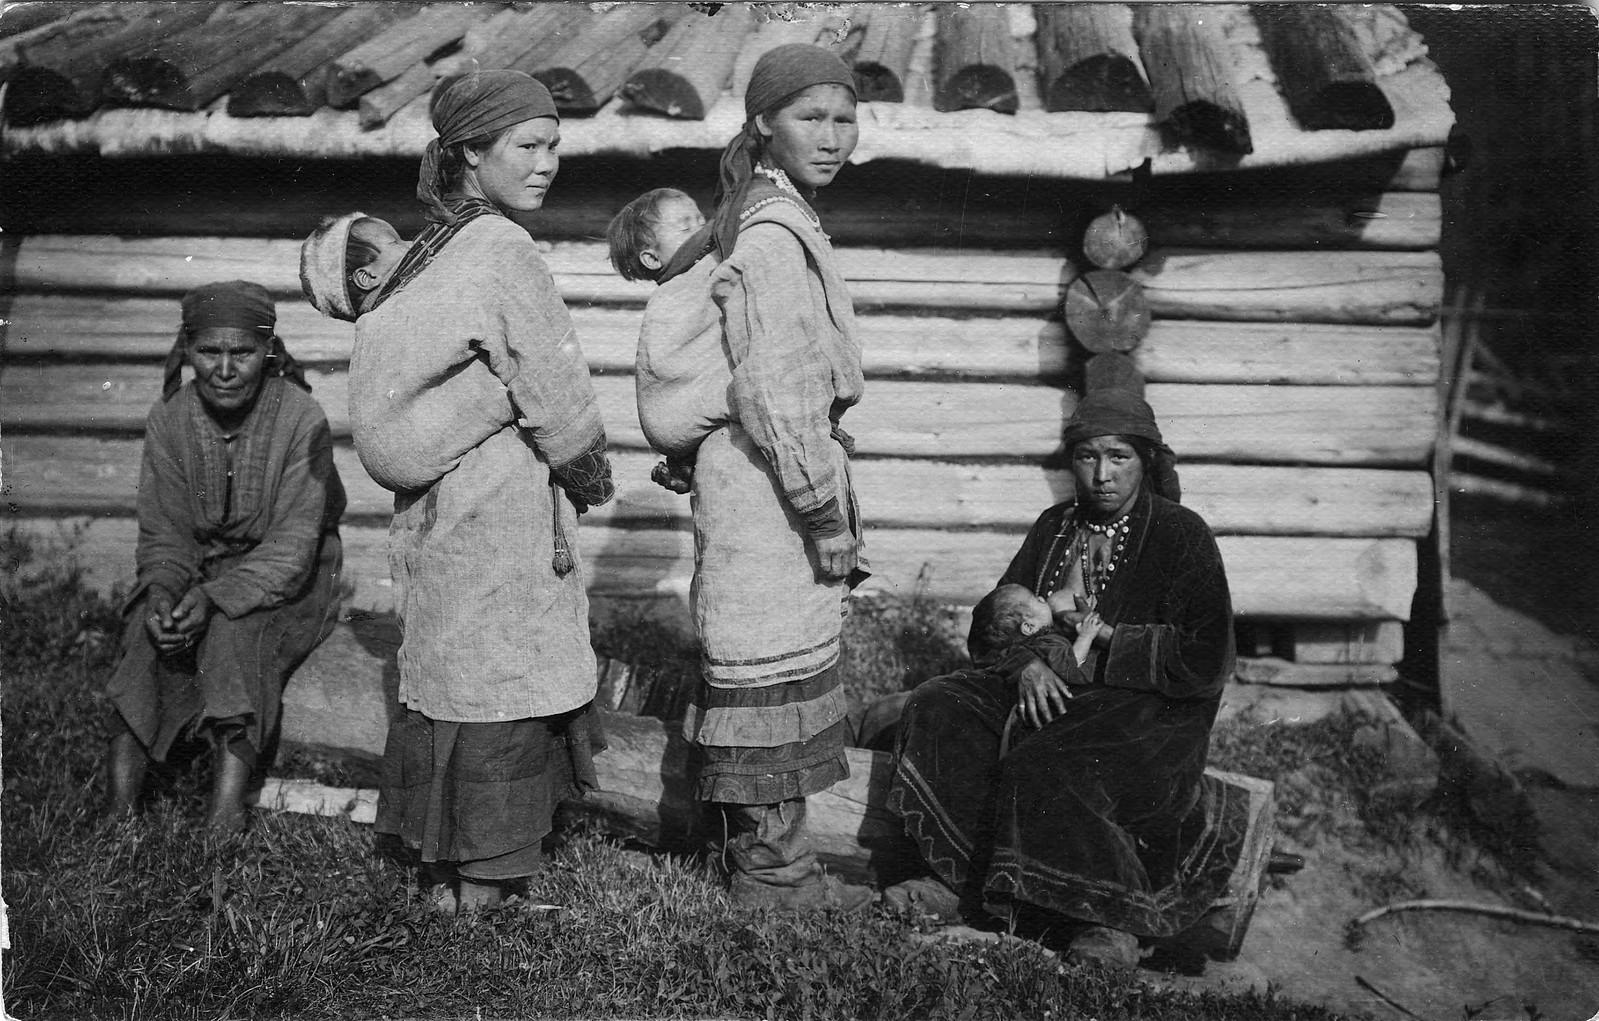 Шорские молодые женщины с детьми. Способ ношения маленьких детей матерями